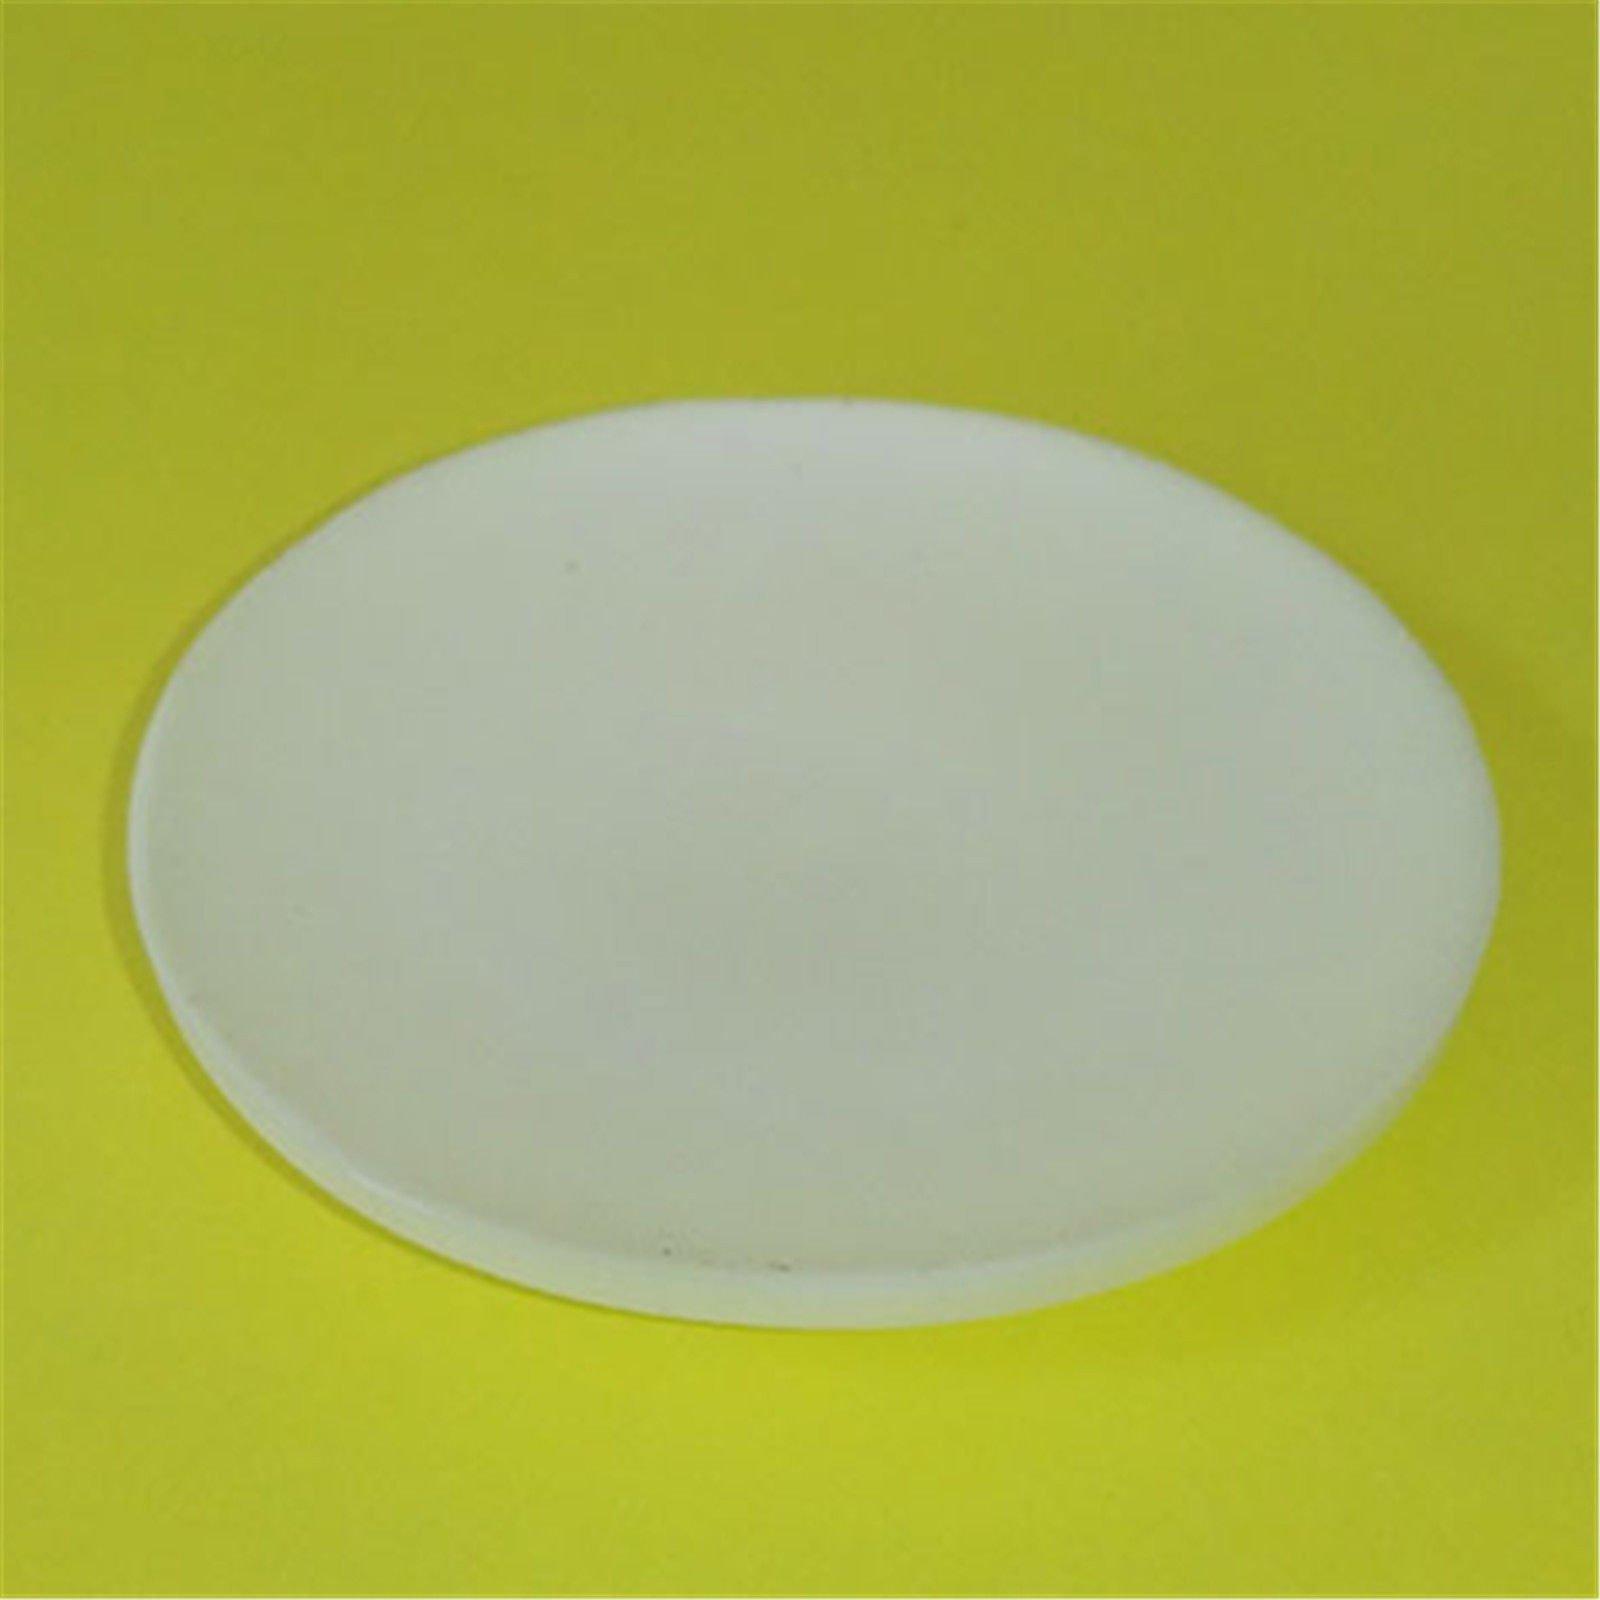 Deschem 100mm,Laboratory PTFE Watch Dish,Surface Dishes,Diameter=10cm by Deschem (Image #2)